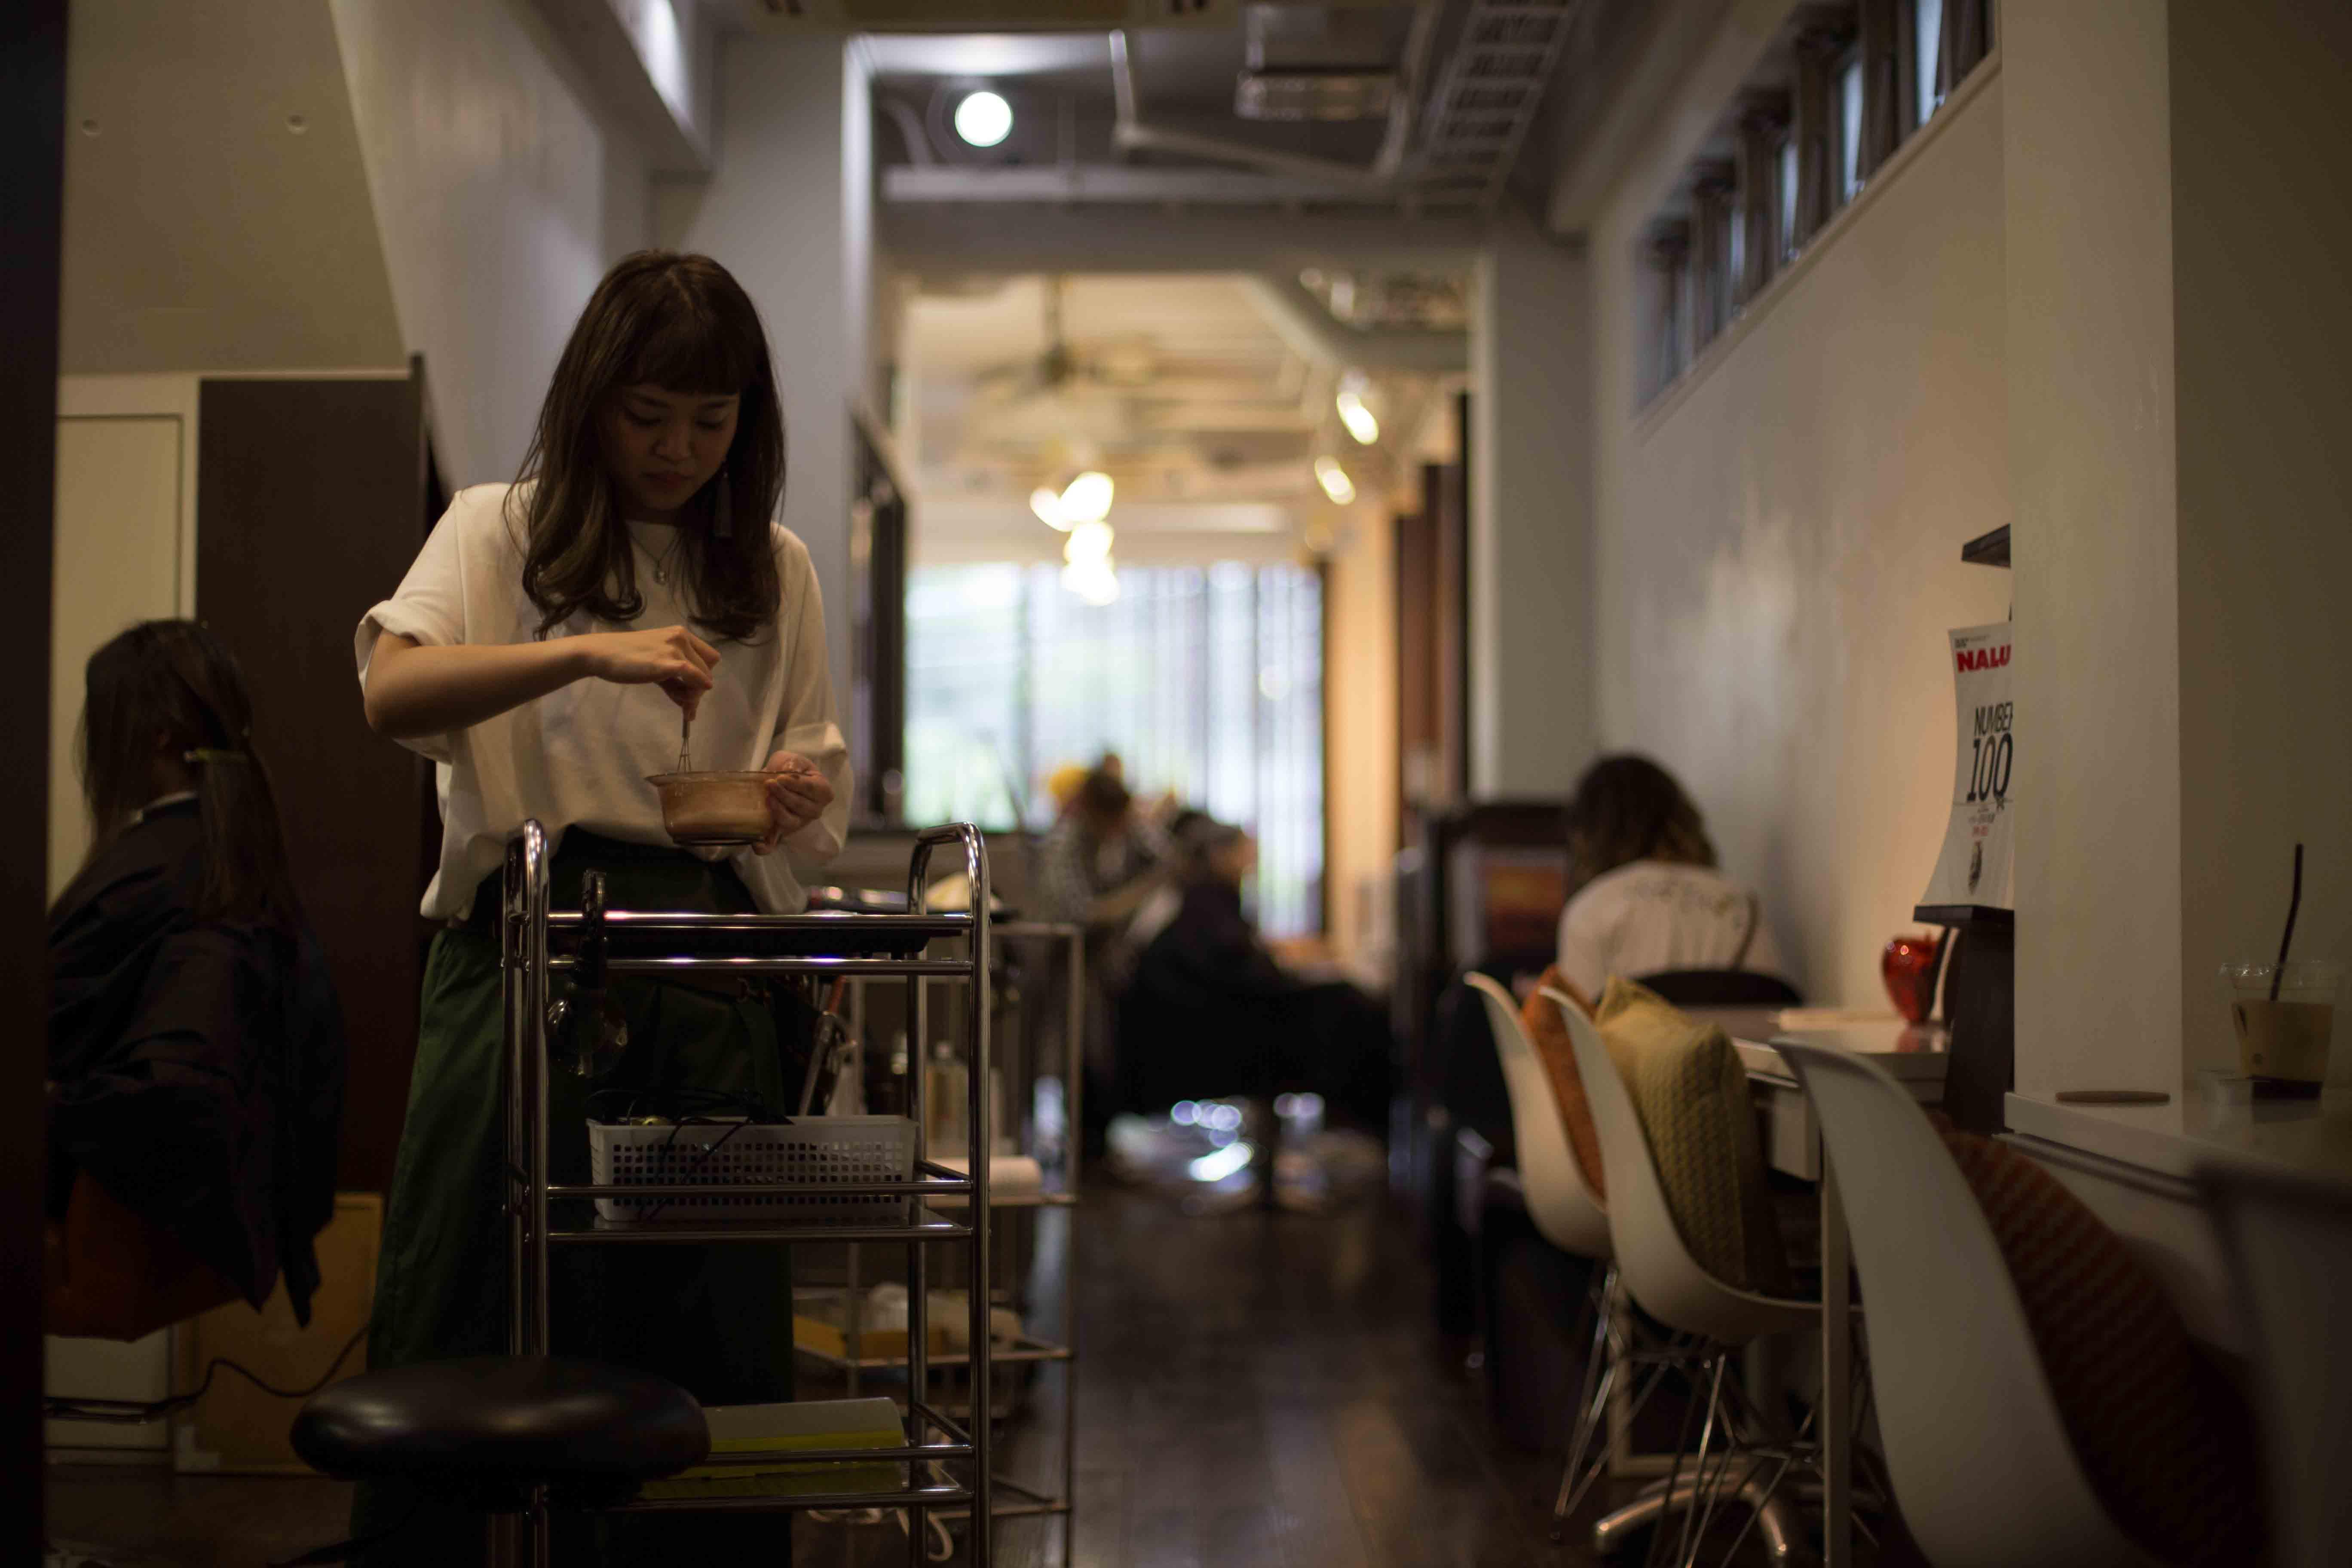 外国人の多い美容室 女性美容師 ママ美容師 出産 育児 表参道 美容室 スタイリスト募集 中途 新卒 アシスタント募集